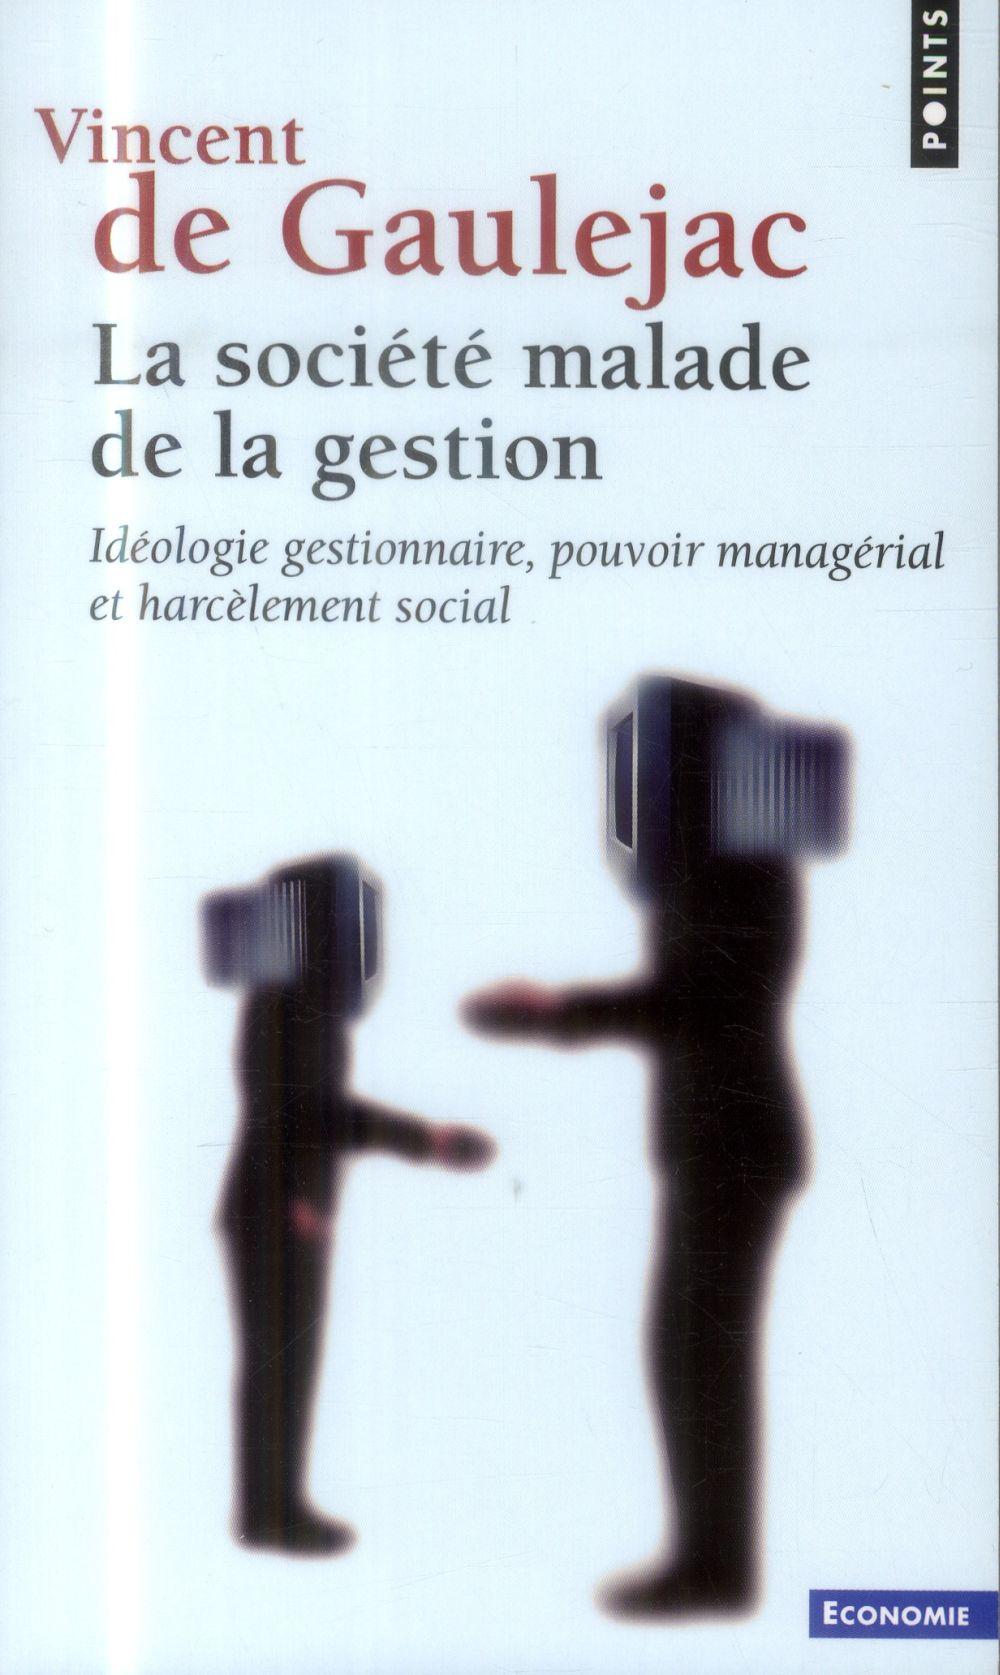 LA SOCIETE MALADE DE LA GESTION. IDEOLOGIE GESTIONNAIRE, POUVOIR MANAGERIAL ET HARCELEMENT SOCIAL